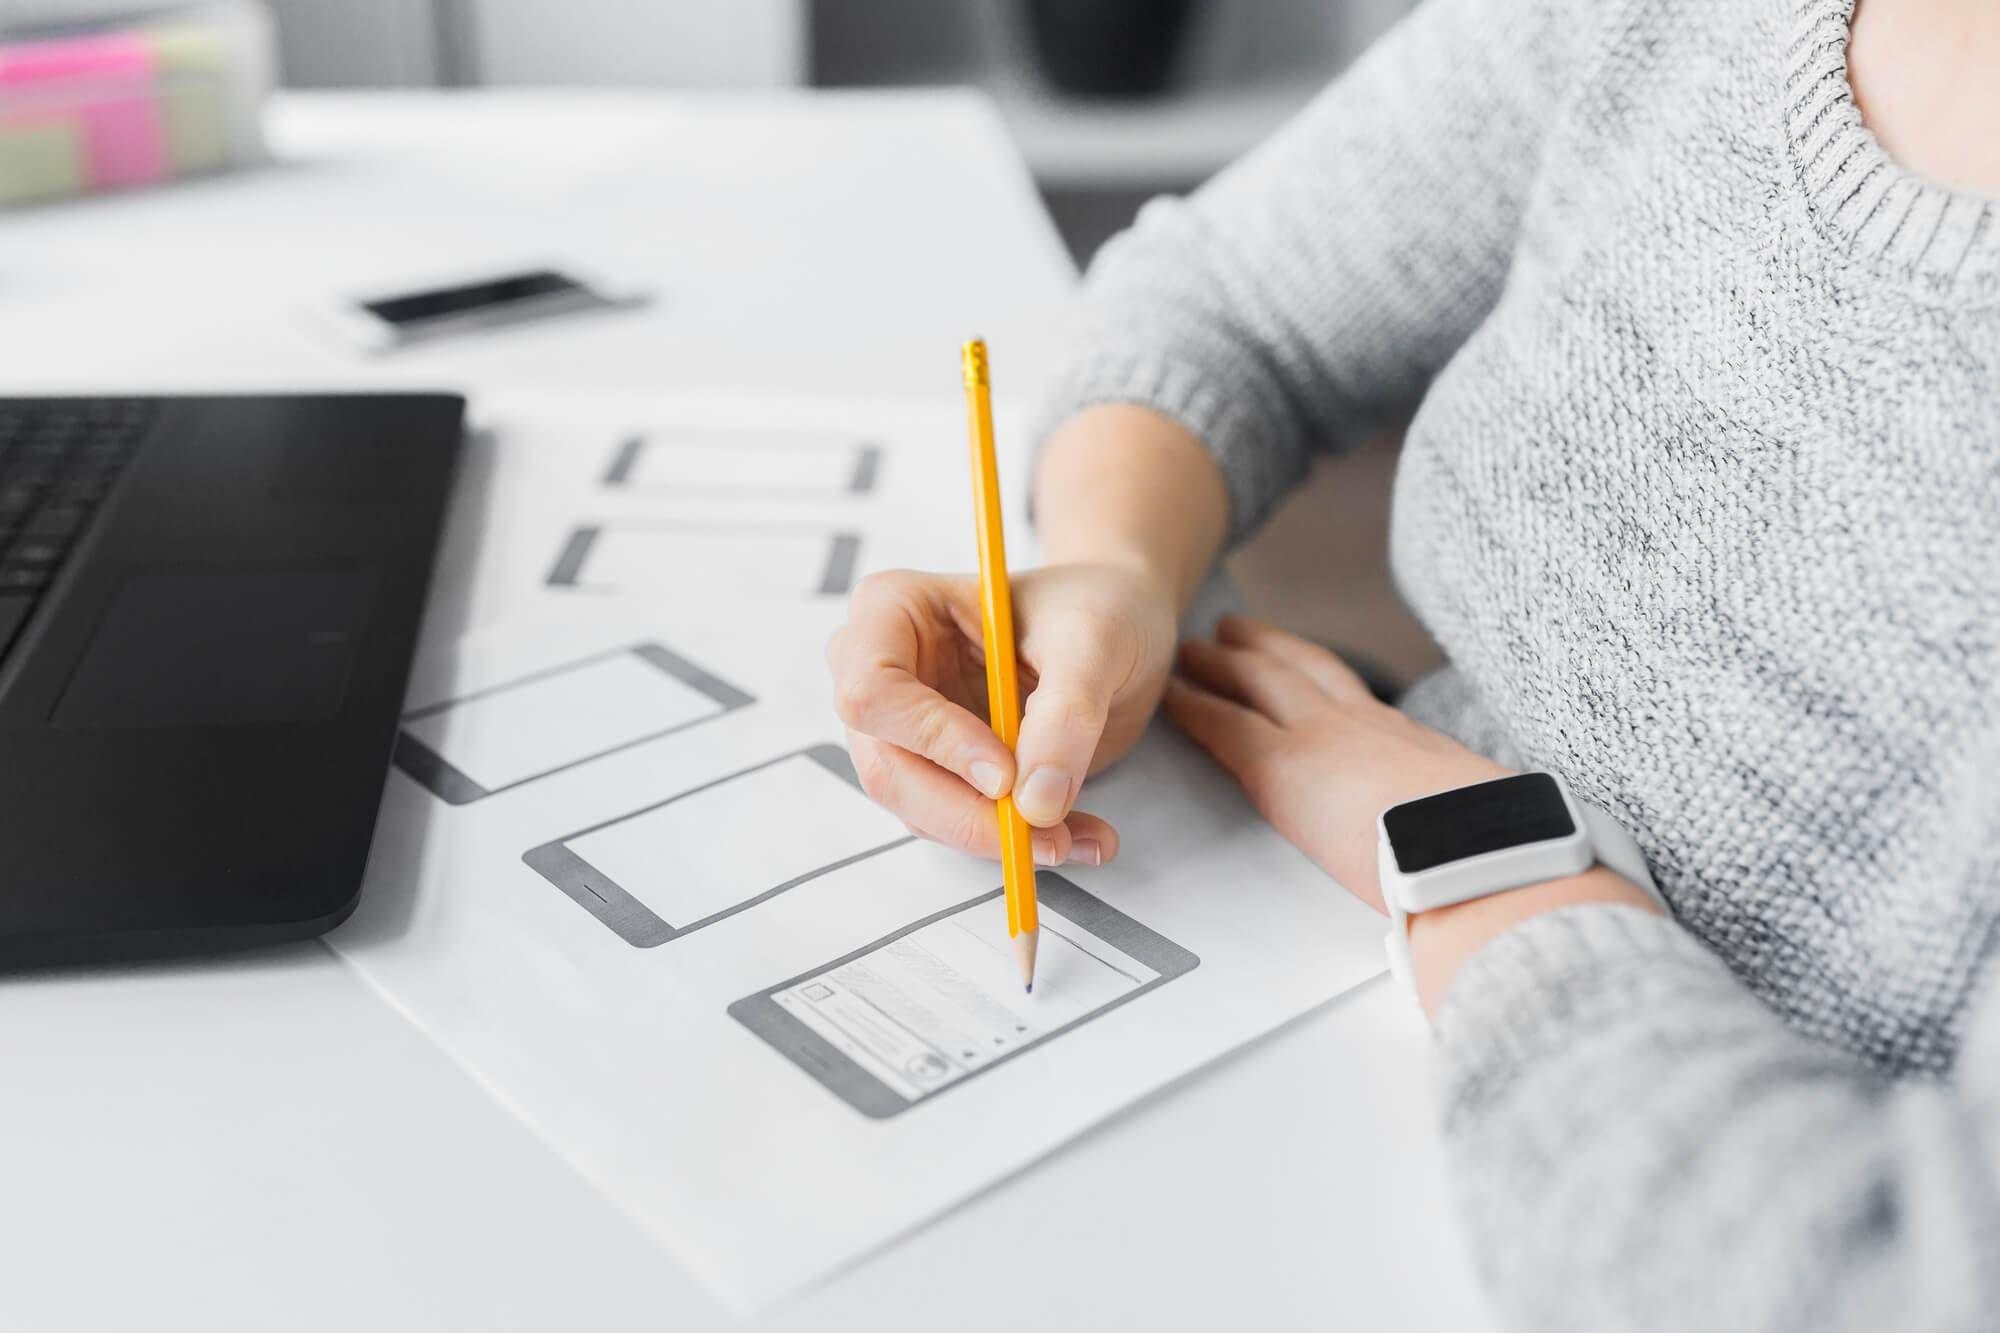 Mulher com lápis na mão desenhando protótipo de aplicativo para celular.